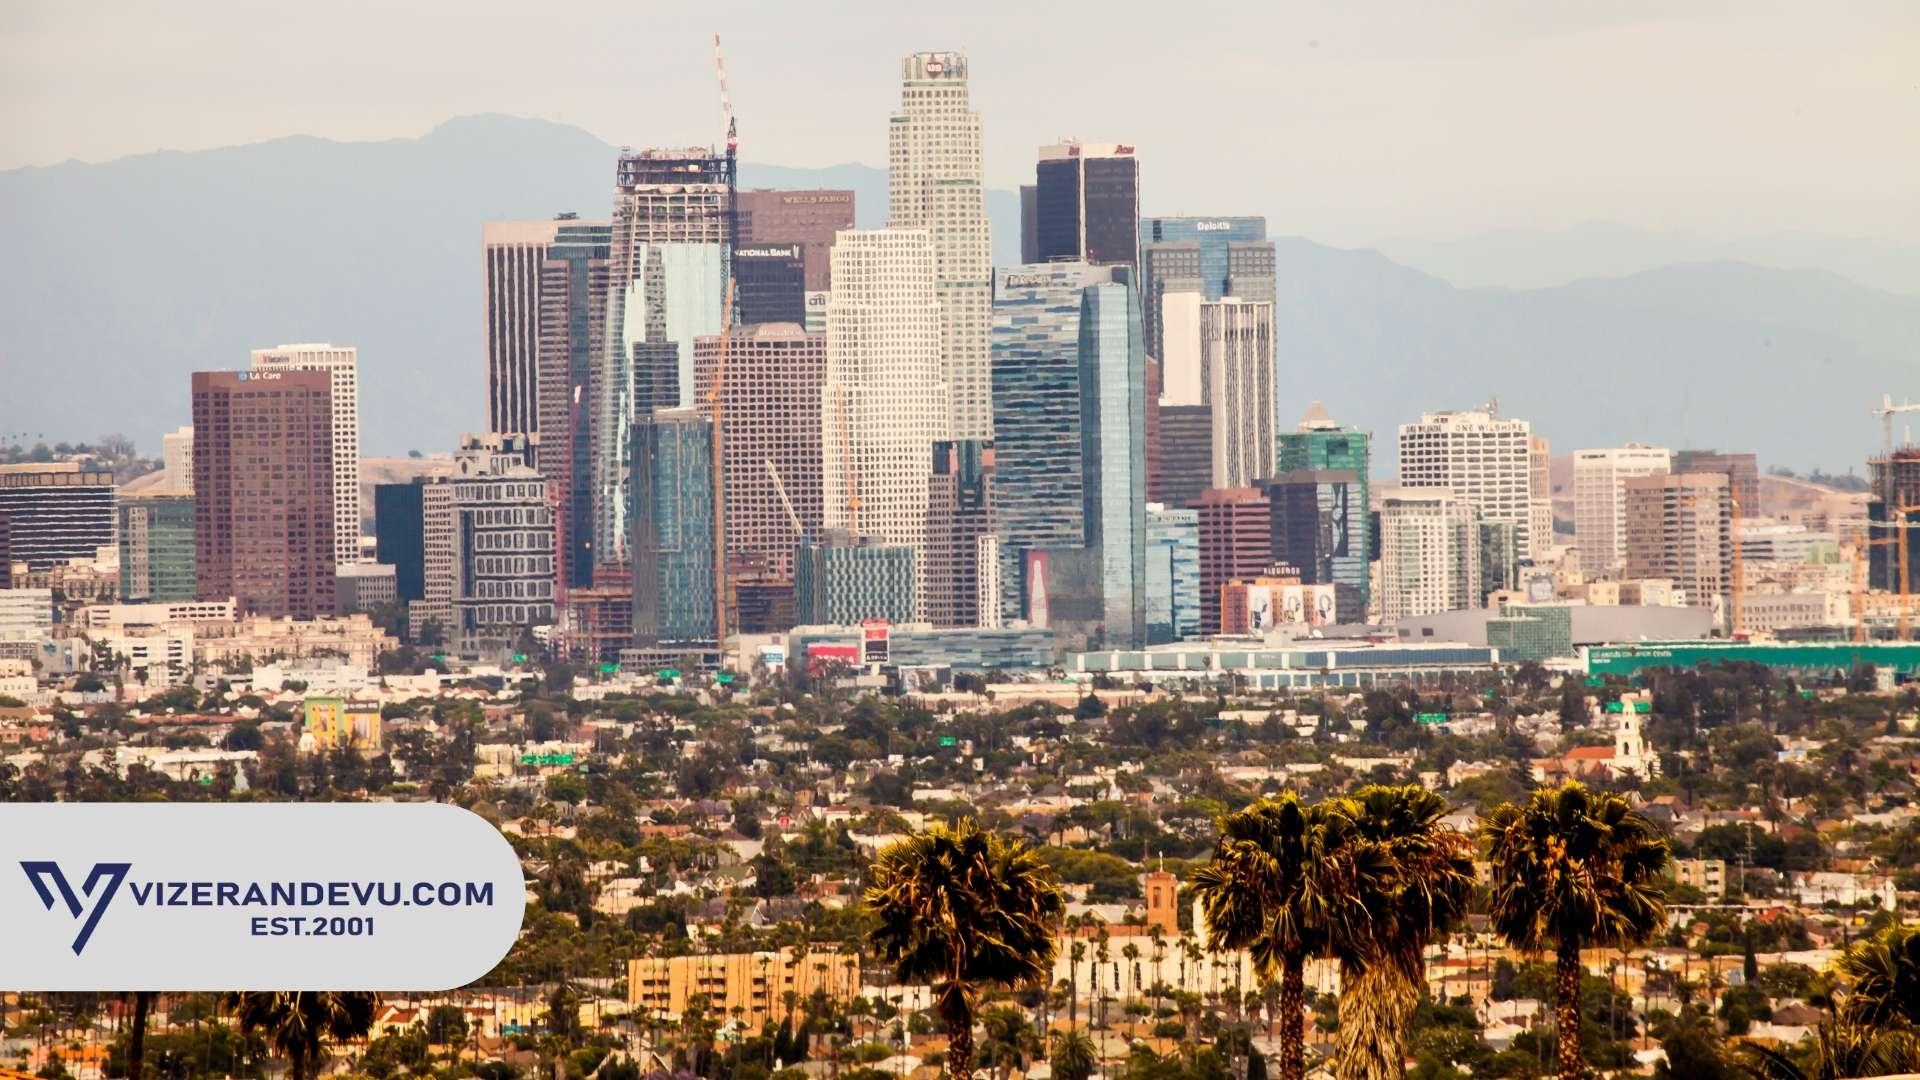 Amerika E1-E2 Ticaretçi - Yatırımcı Vizesi Gerekli Evrakları